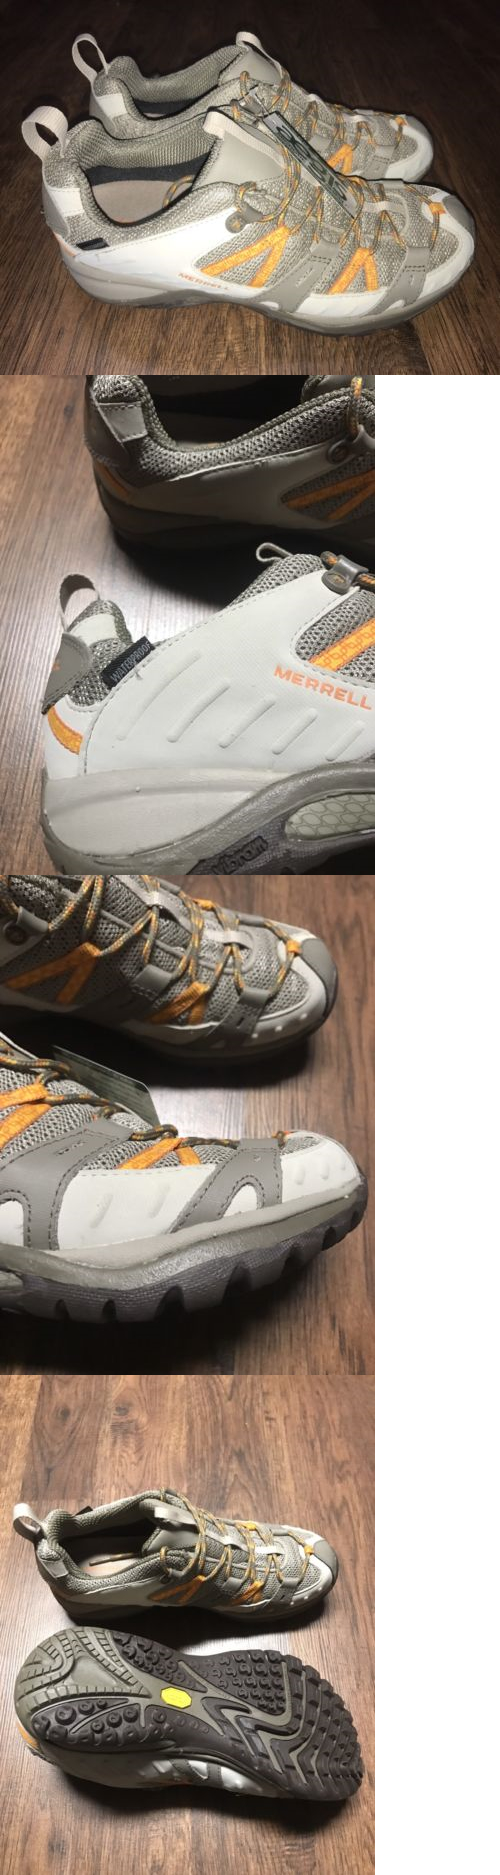 960d614aecde Womens 181393  Merrell Siren Sport 2 Hiking Shoes